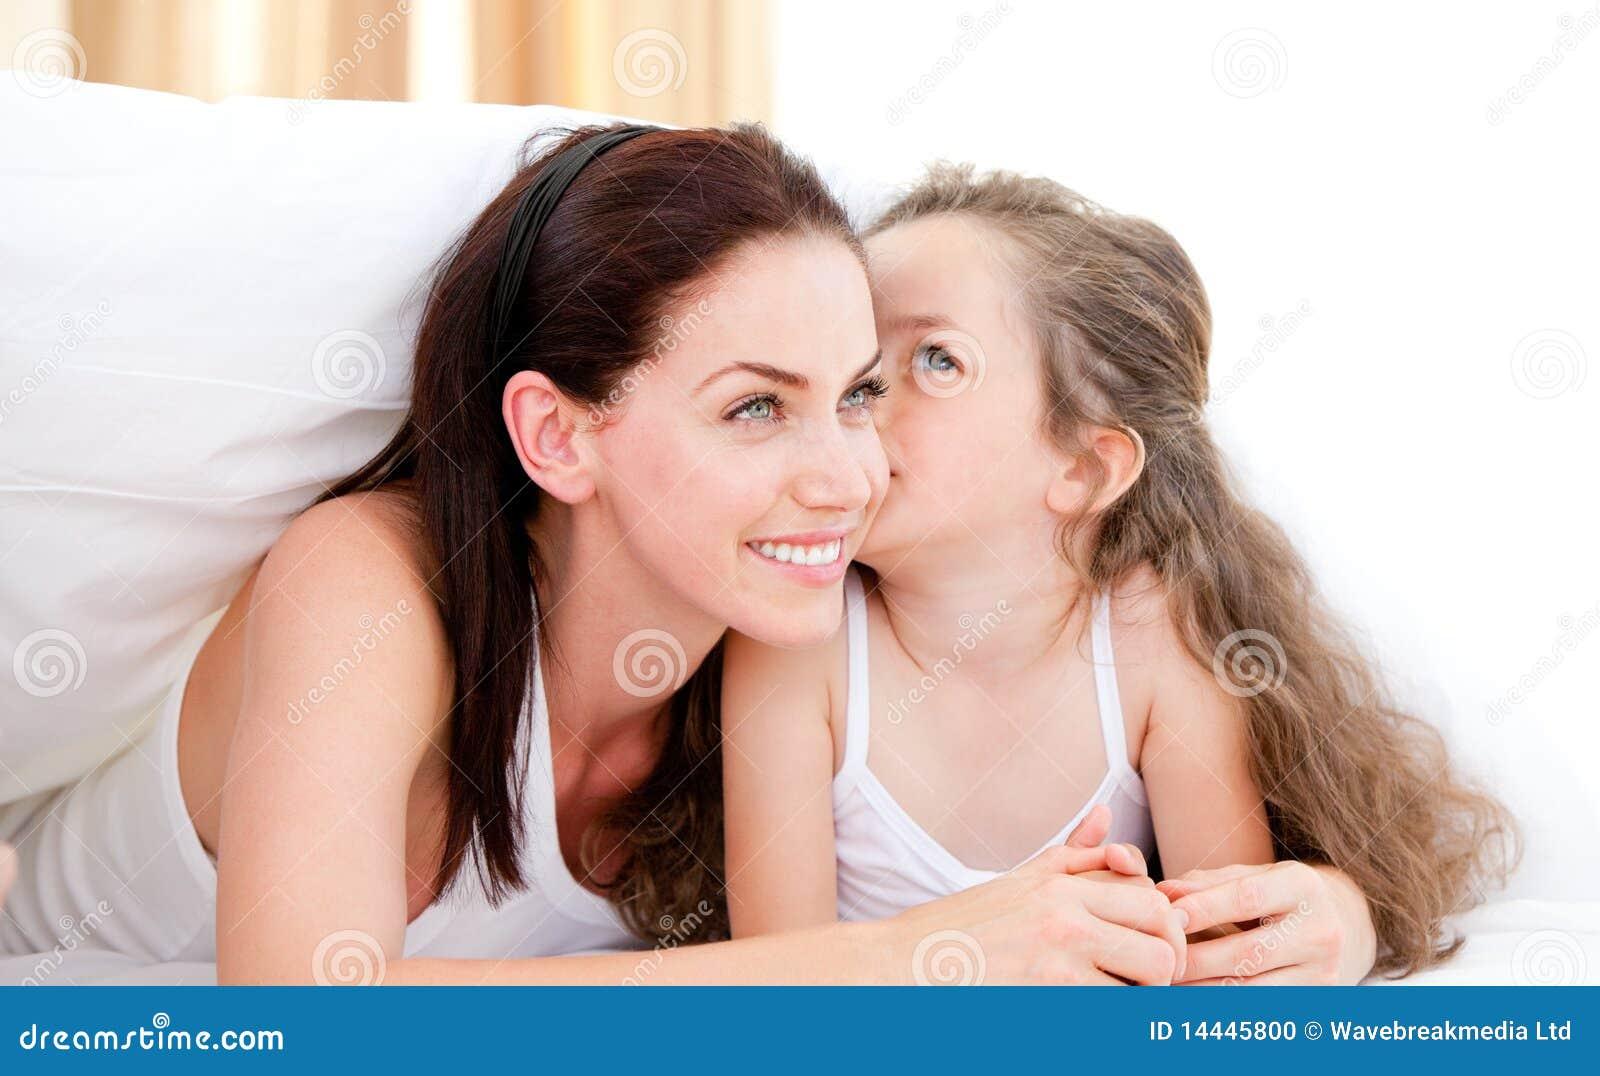 Тетя целует мальчика маленького 10 фотография